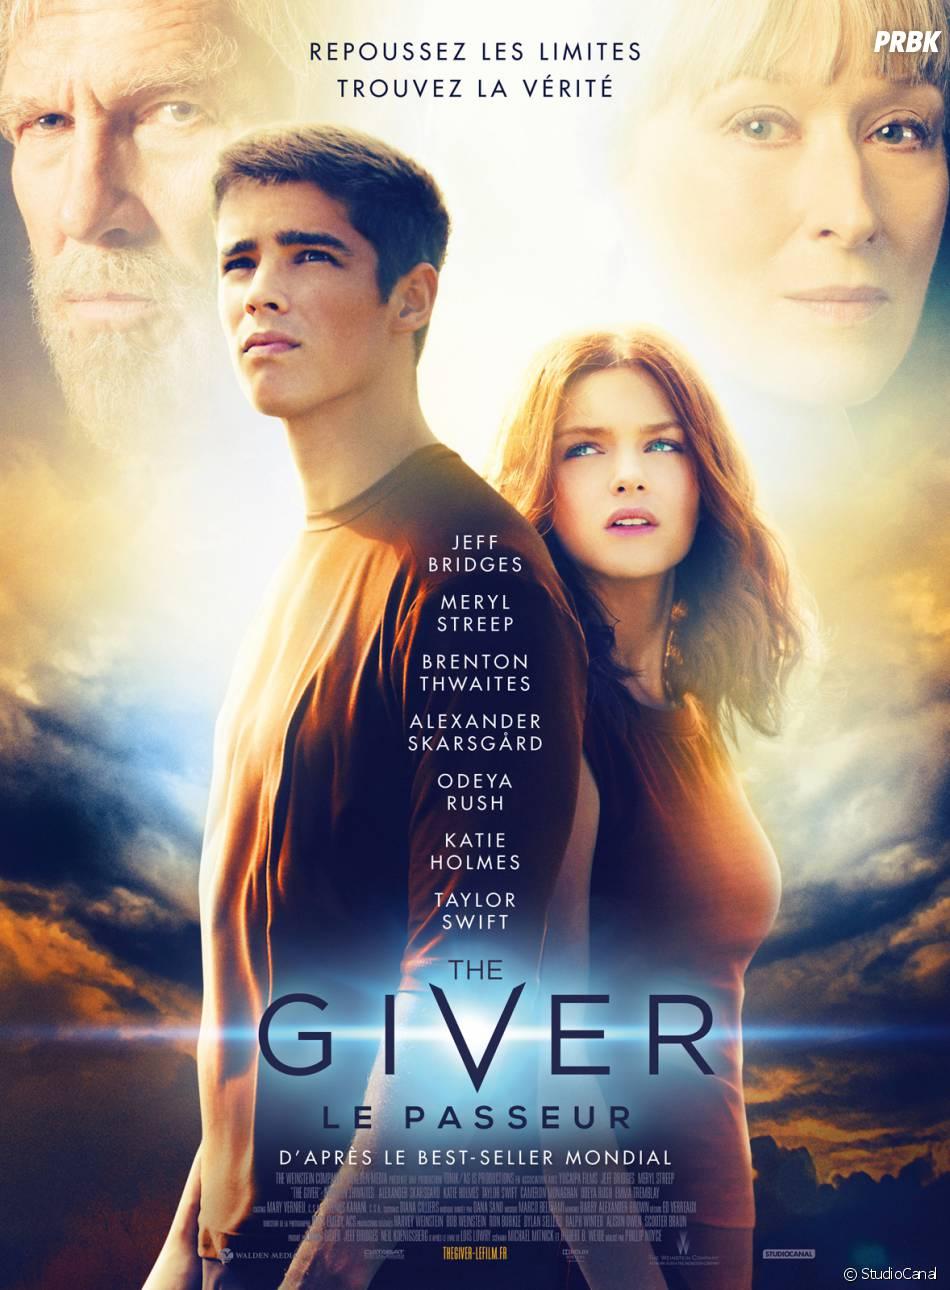 The Giver : affiche du film avec Brenton Thwaites, Odeya Rush, Jeff Bridges et Meryl Streep